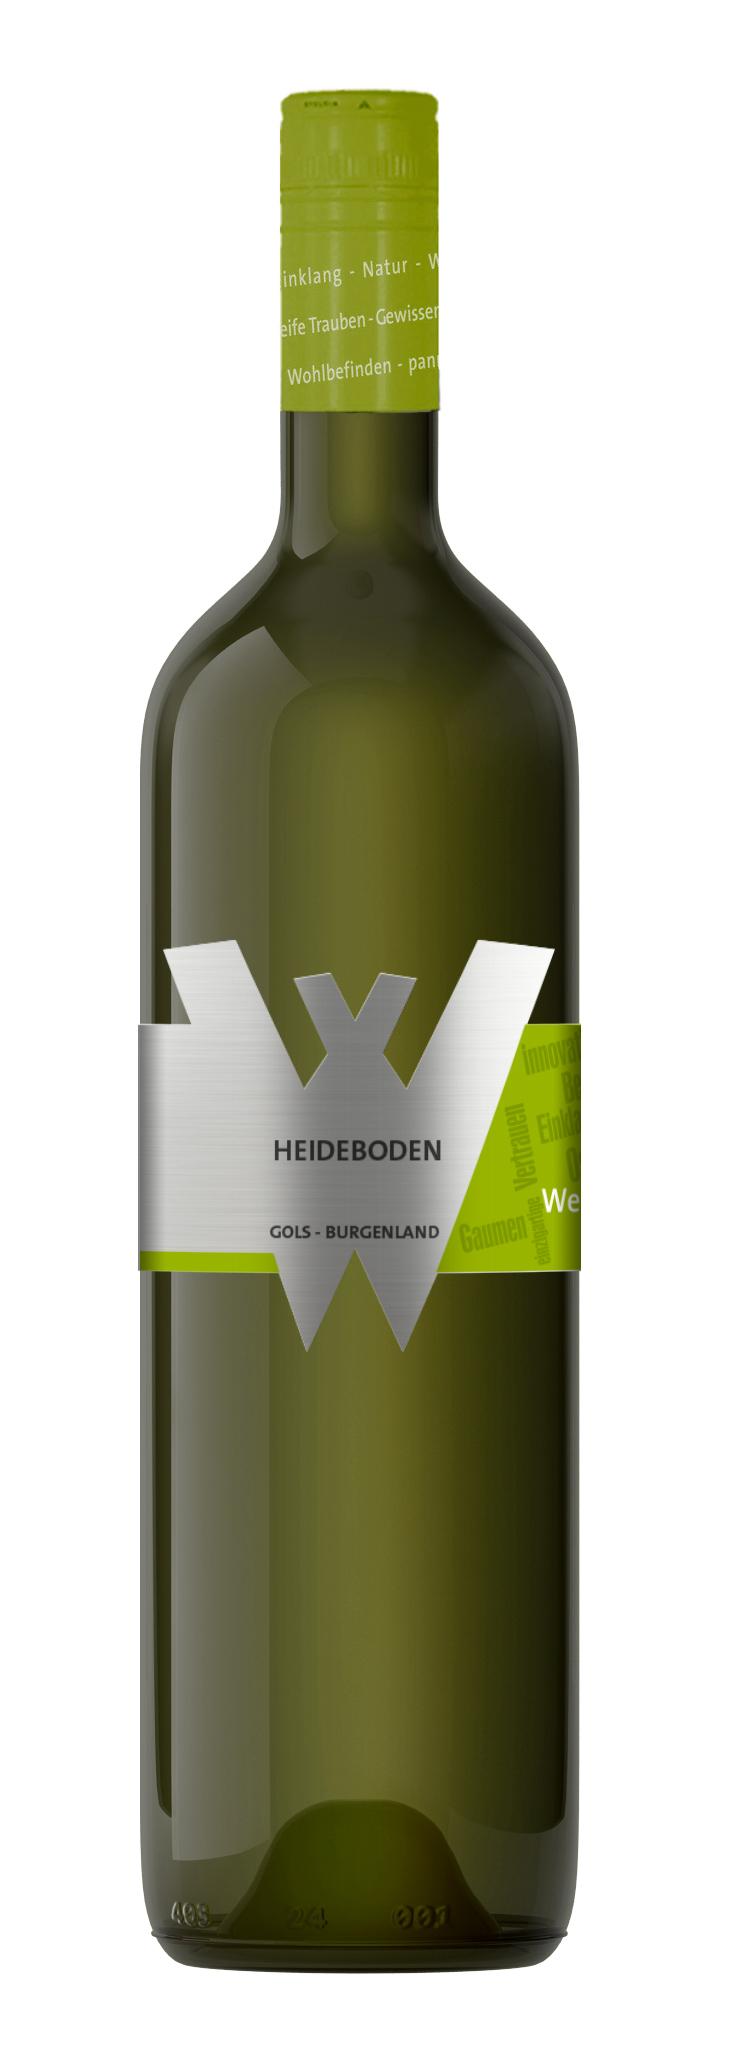 Heideboden weiß - 2019